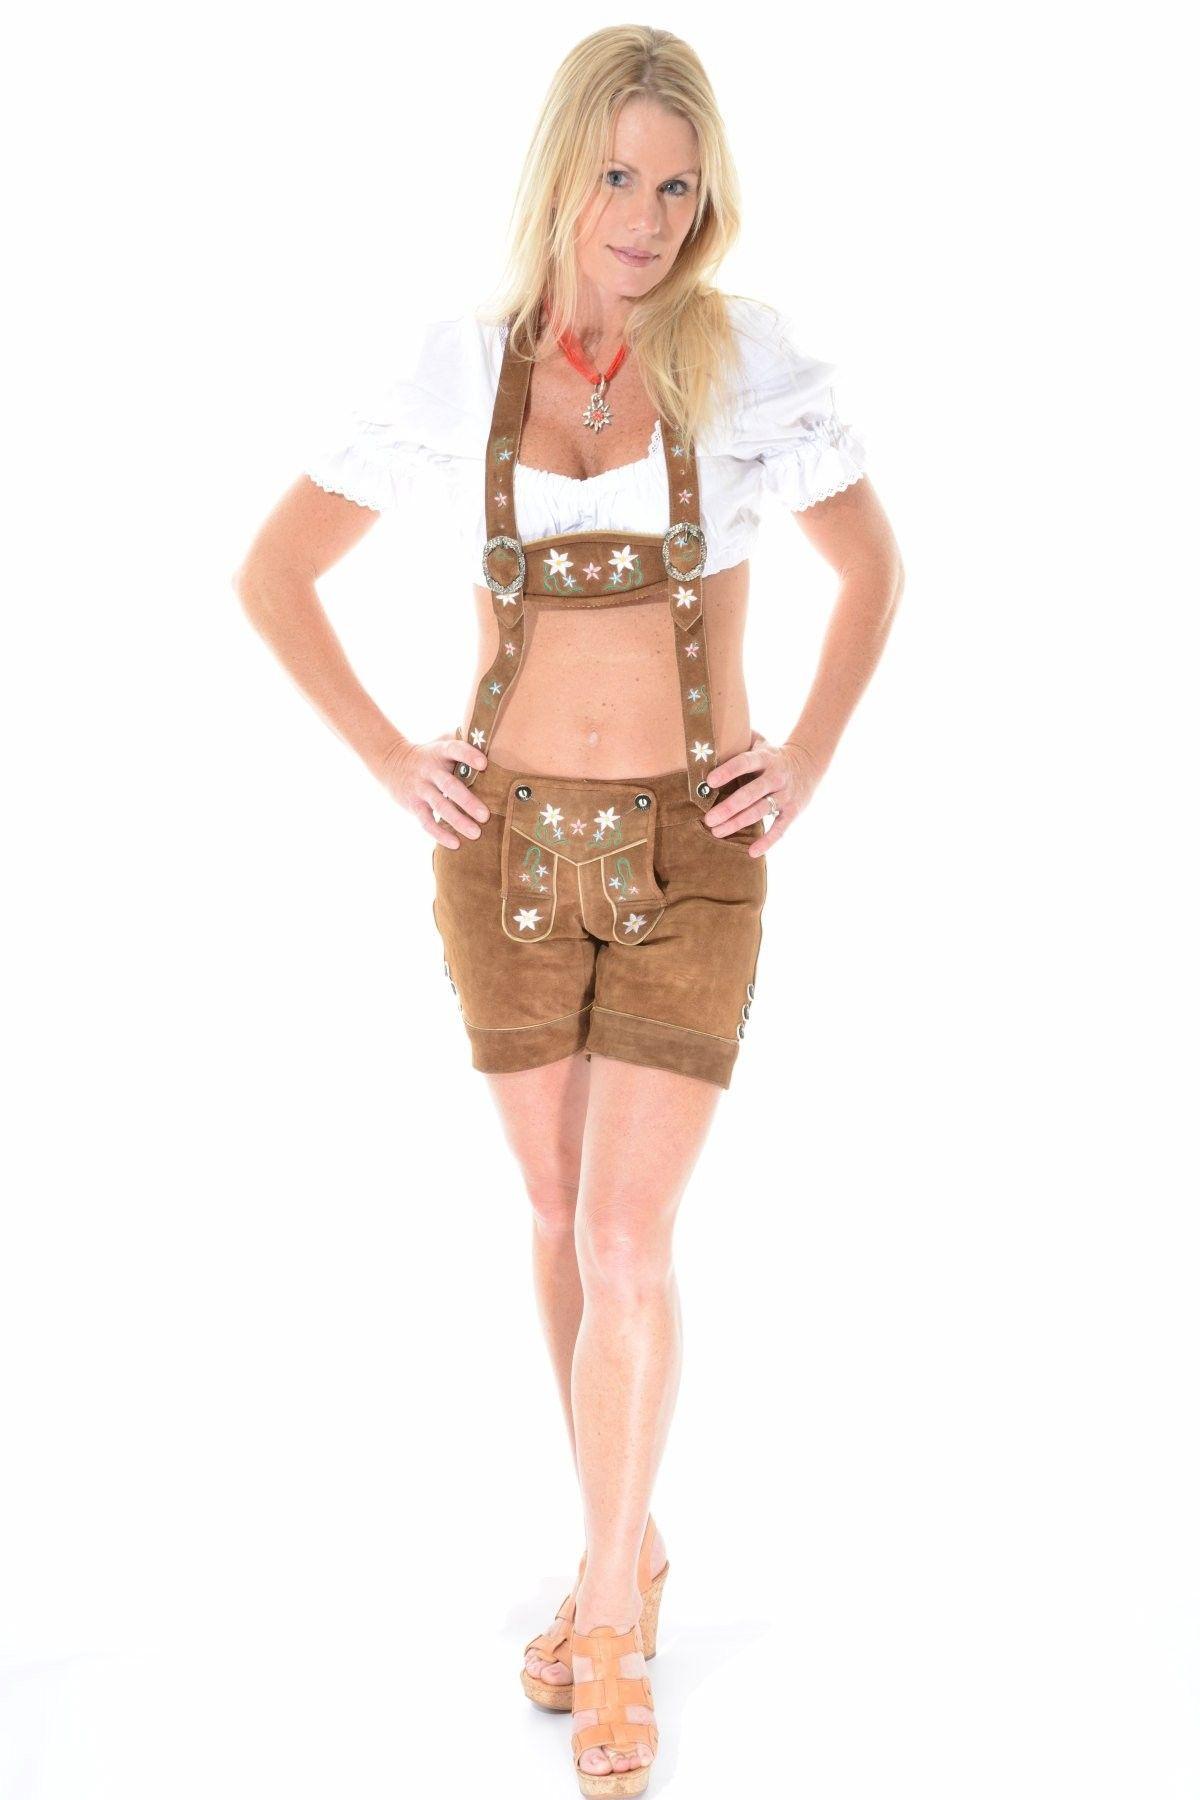 Womens Lederhosen | Female Lederhosen | Female Lederhosen Costume